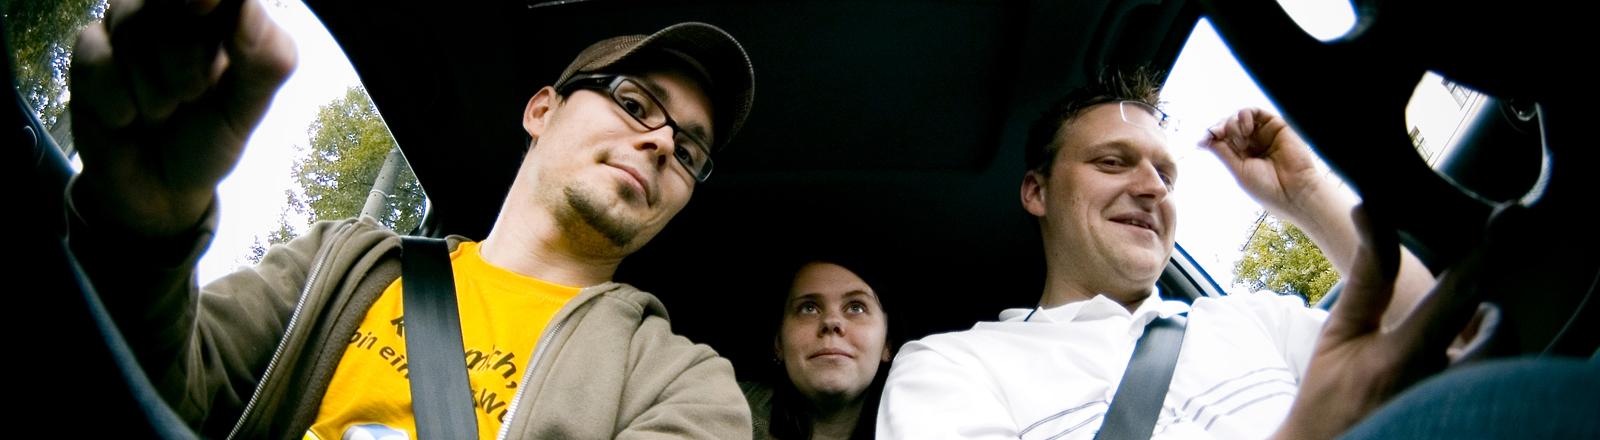 Fahrer und Mitfahrer in einem Auto